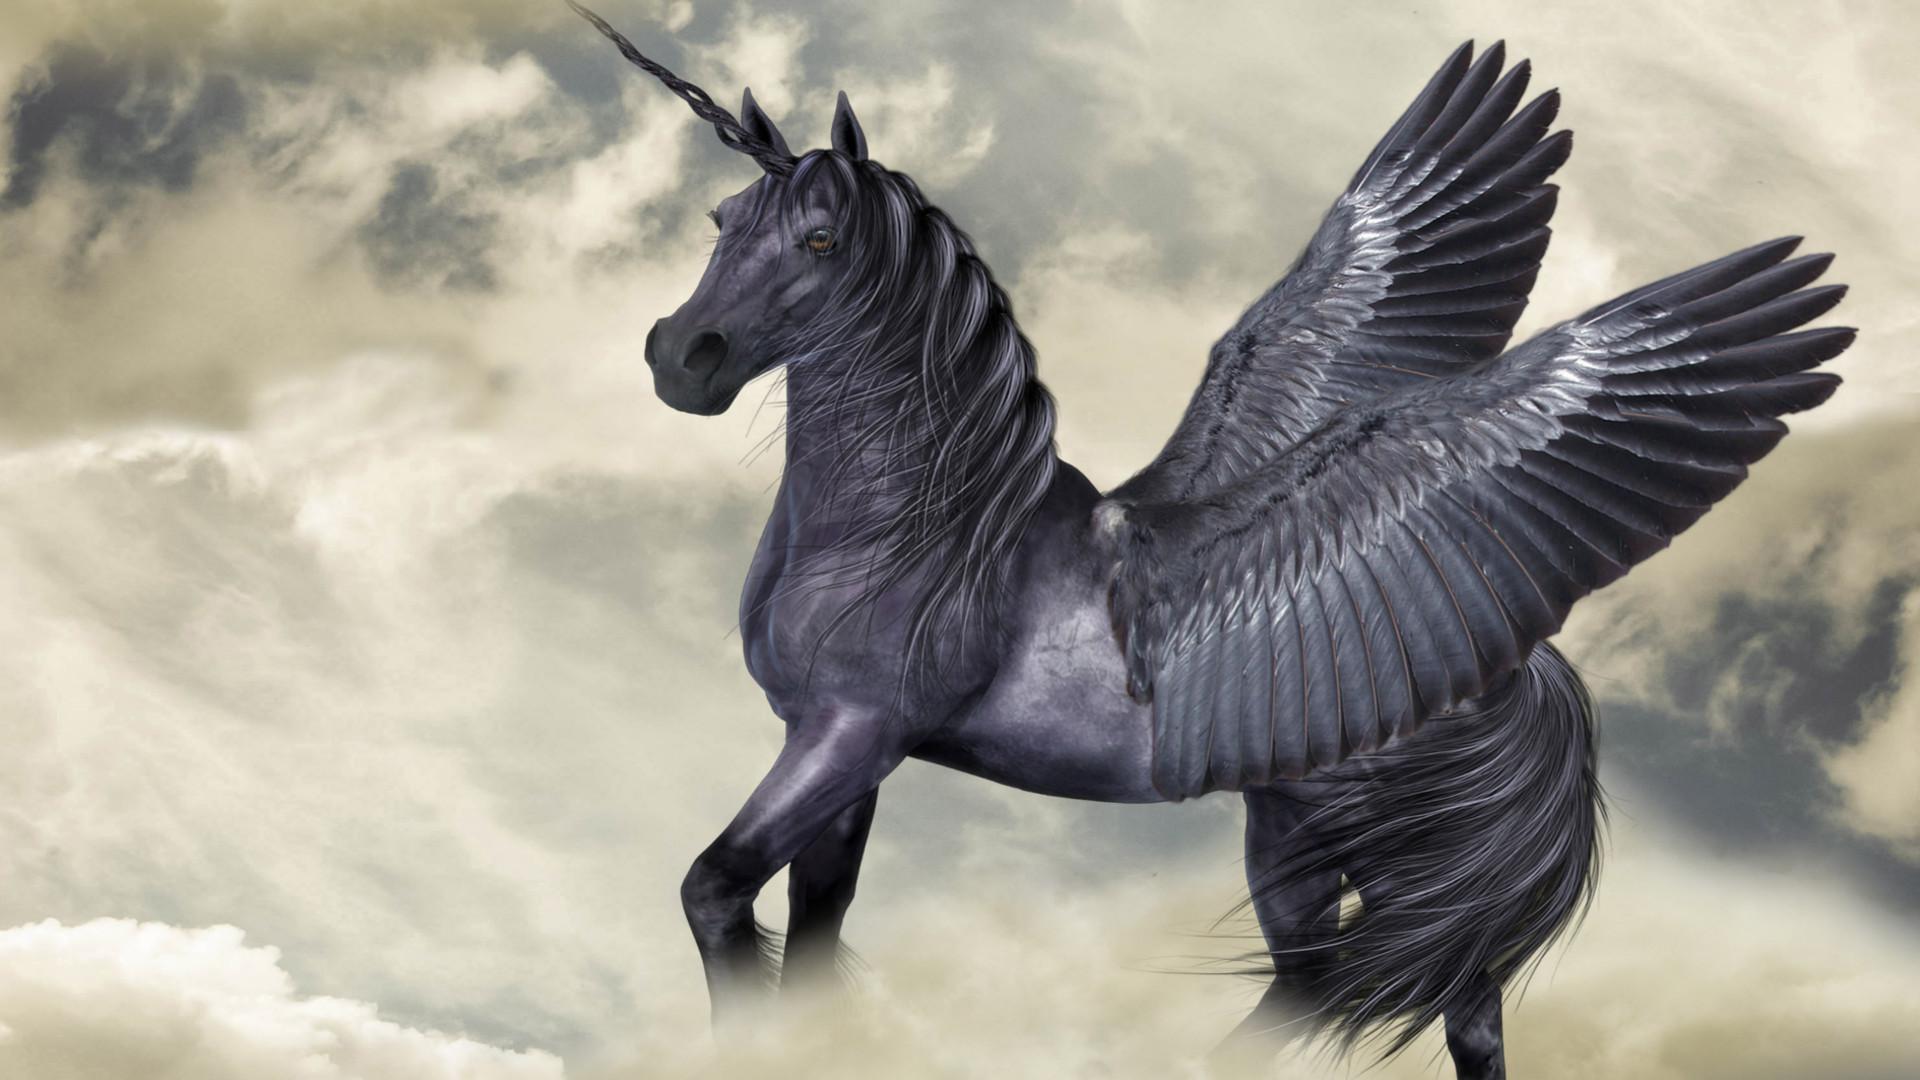 Blackjack Pegasus Porn - Card 1 of 5Artwork · Pegasus in the Clouds